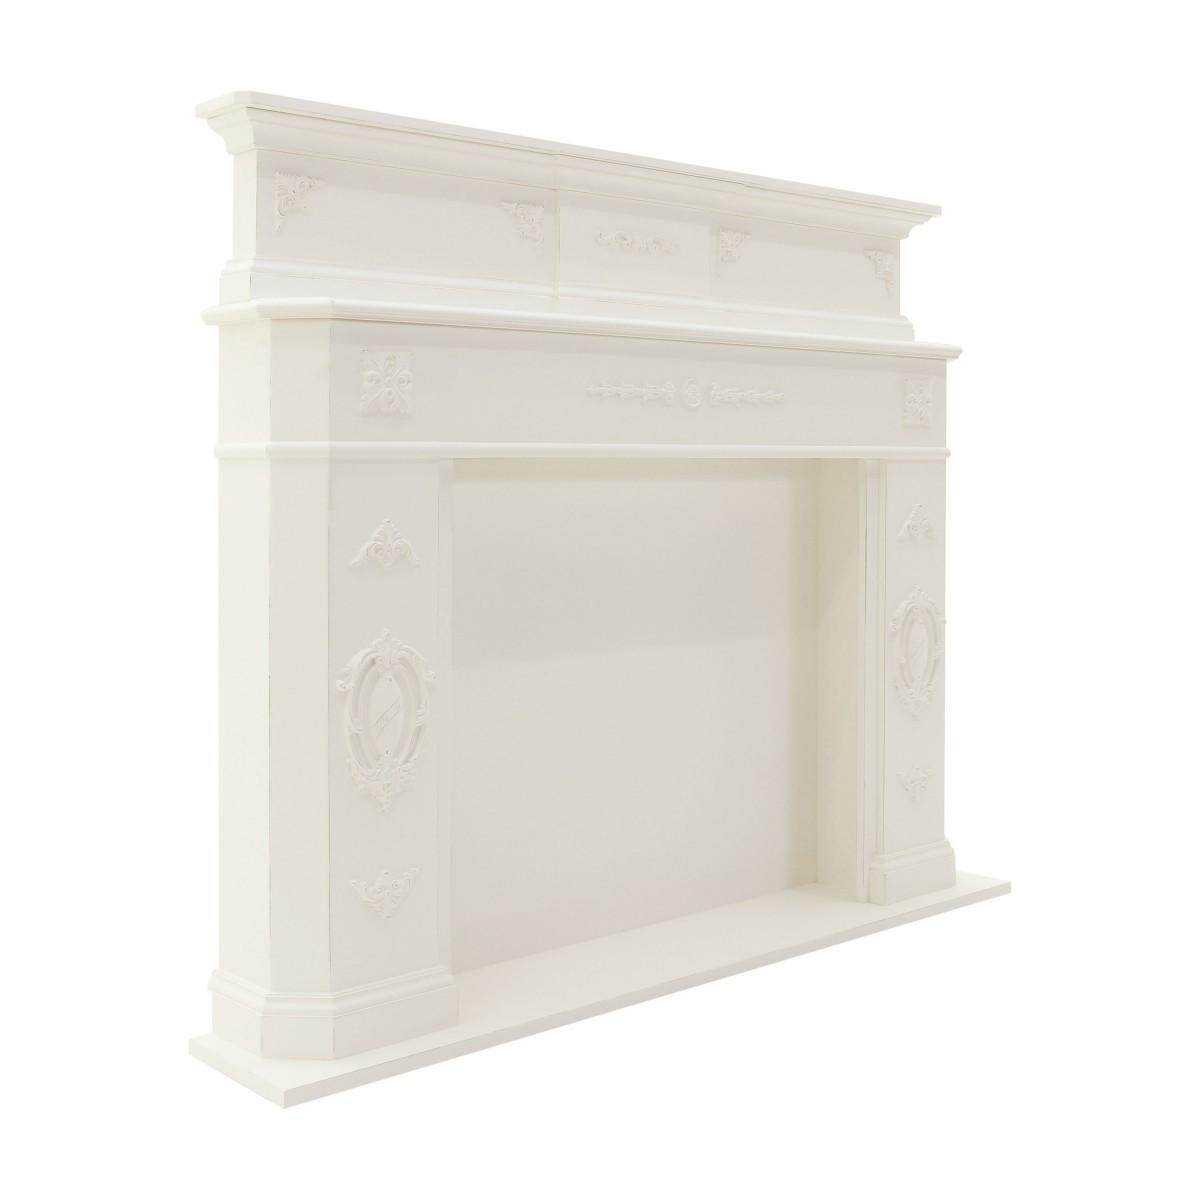 Fireplace Calidus - Sevensedie